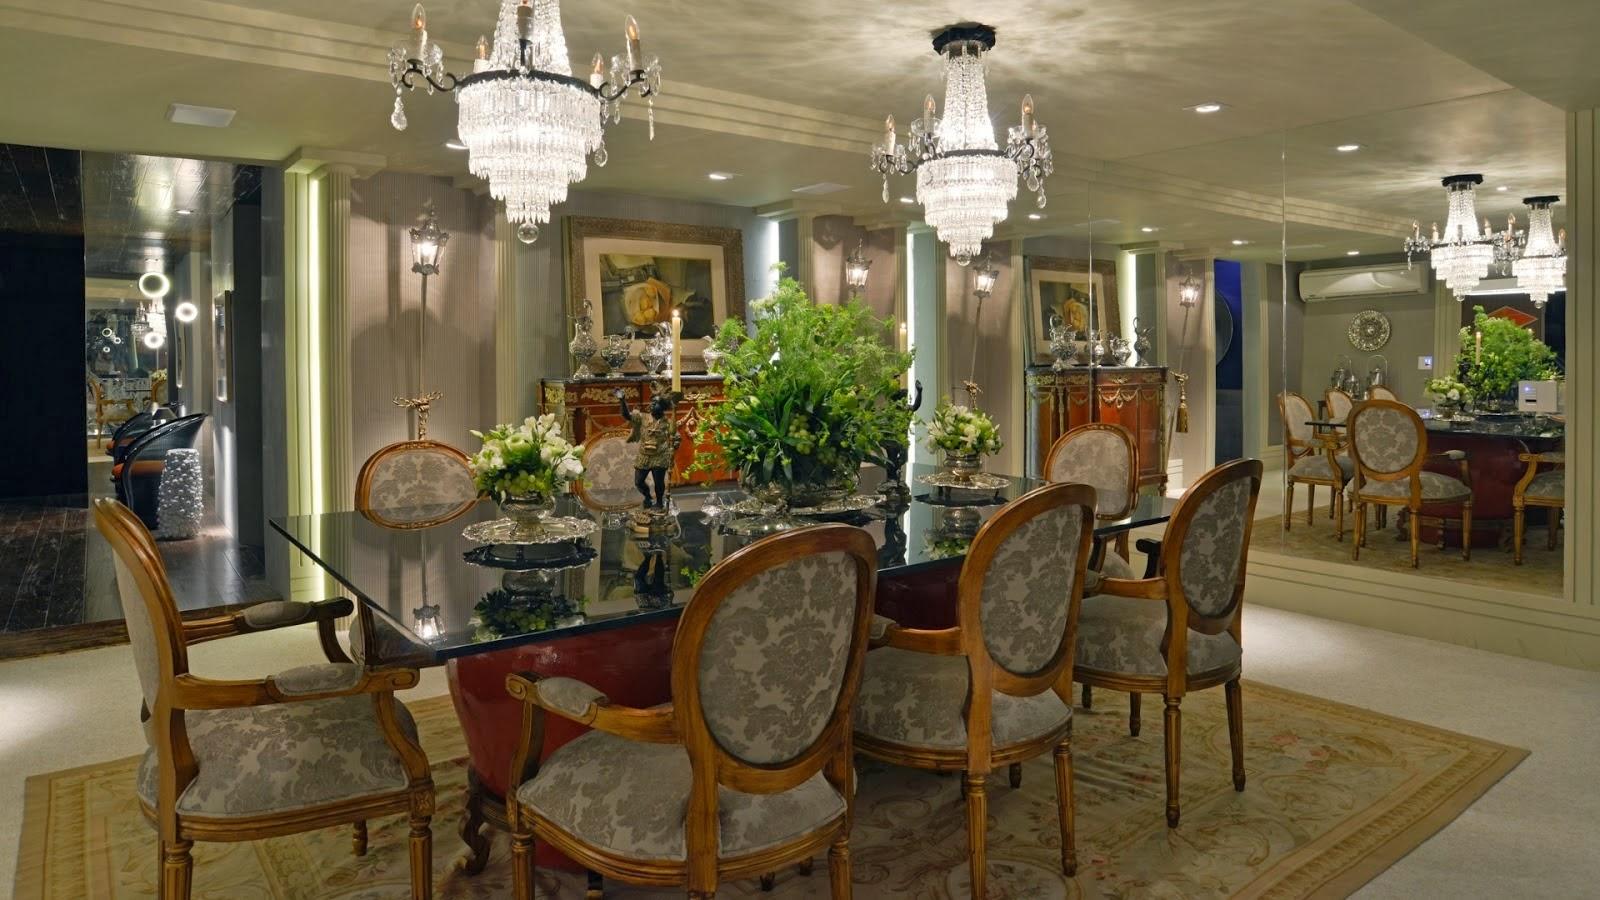 Salas de jantar 50 modelos maravilhosos e dicas de como decorar  #4A6021 1600x900